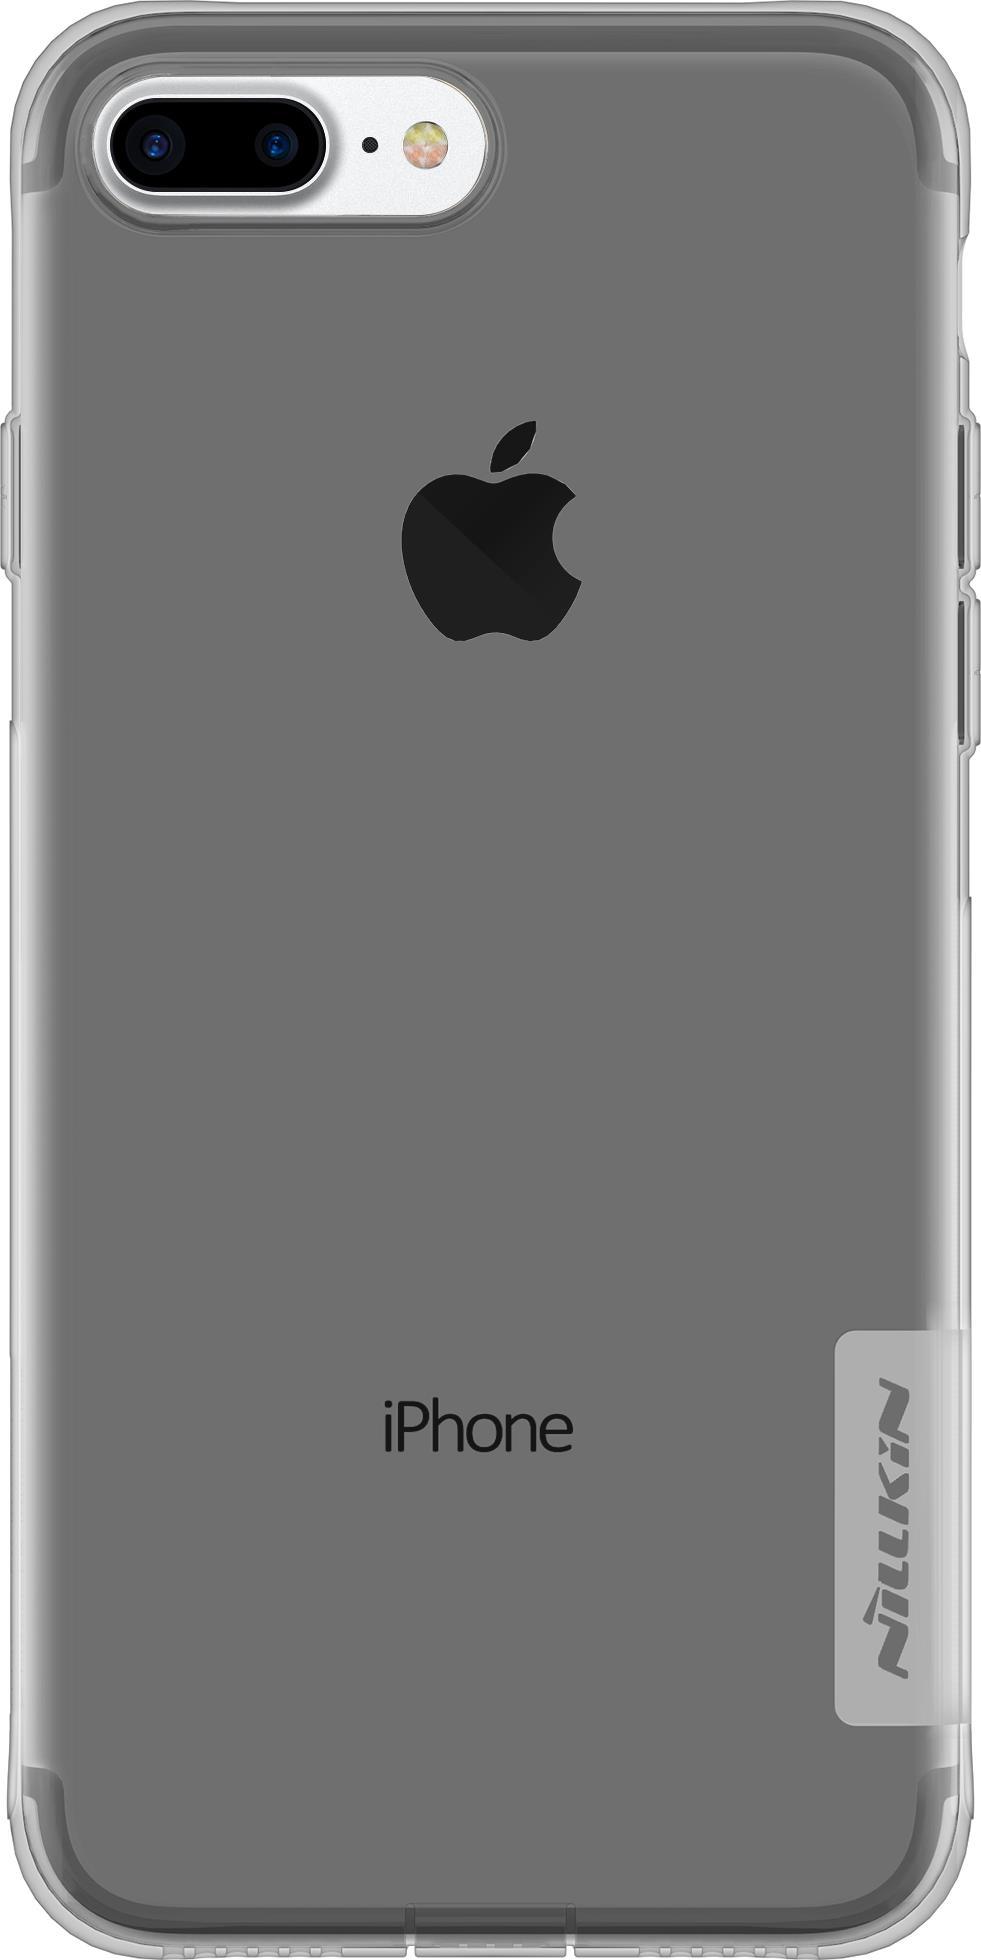 Чехол силиконовый для Apple iPhone 7 Plus аксессуар чехол накладка innovation для apple iphone 7 plus силиконовый black 10029